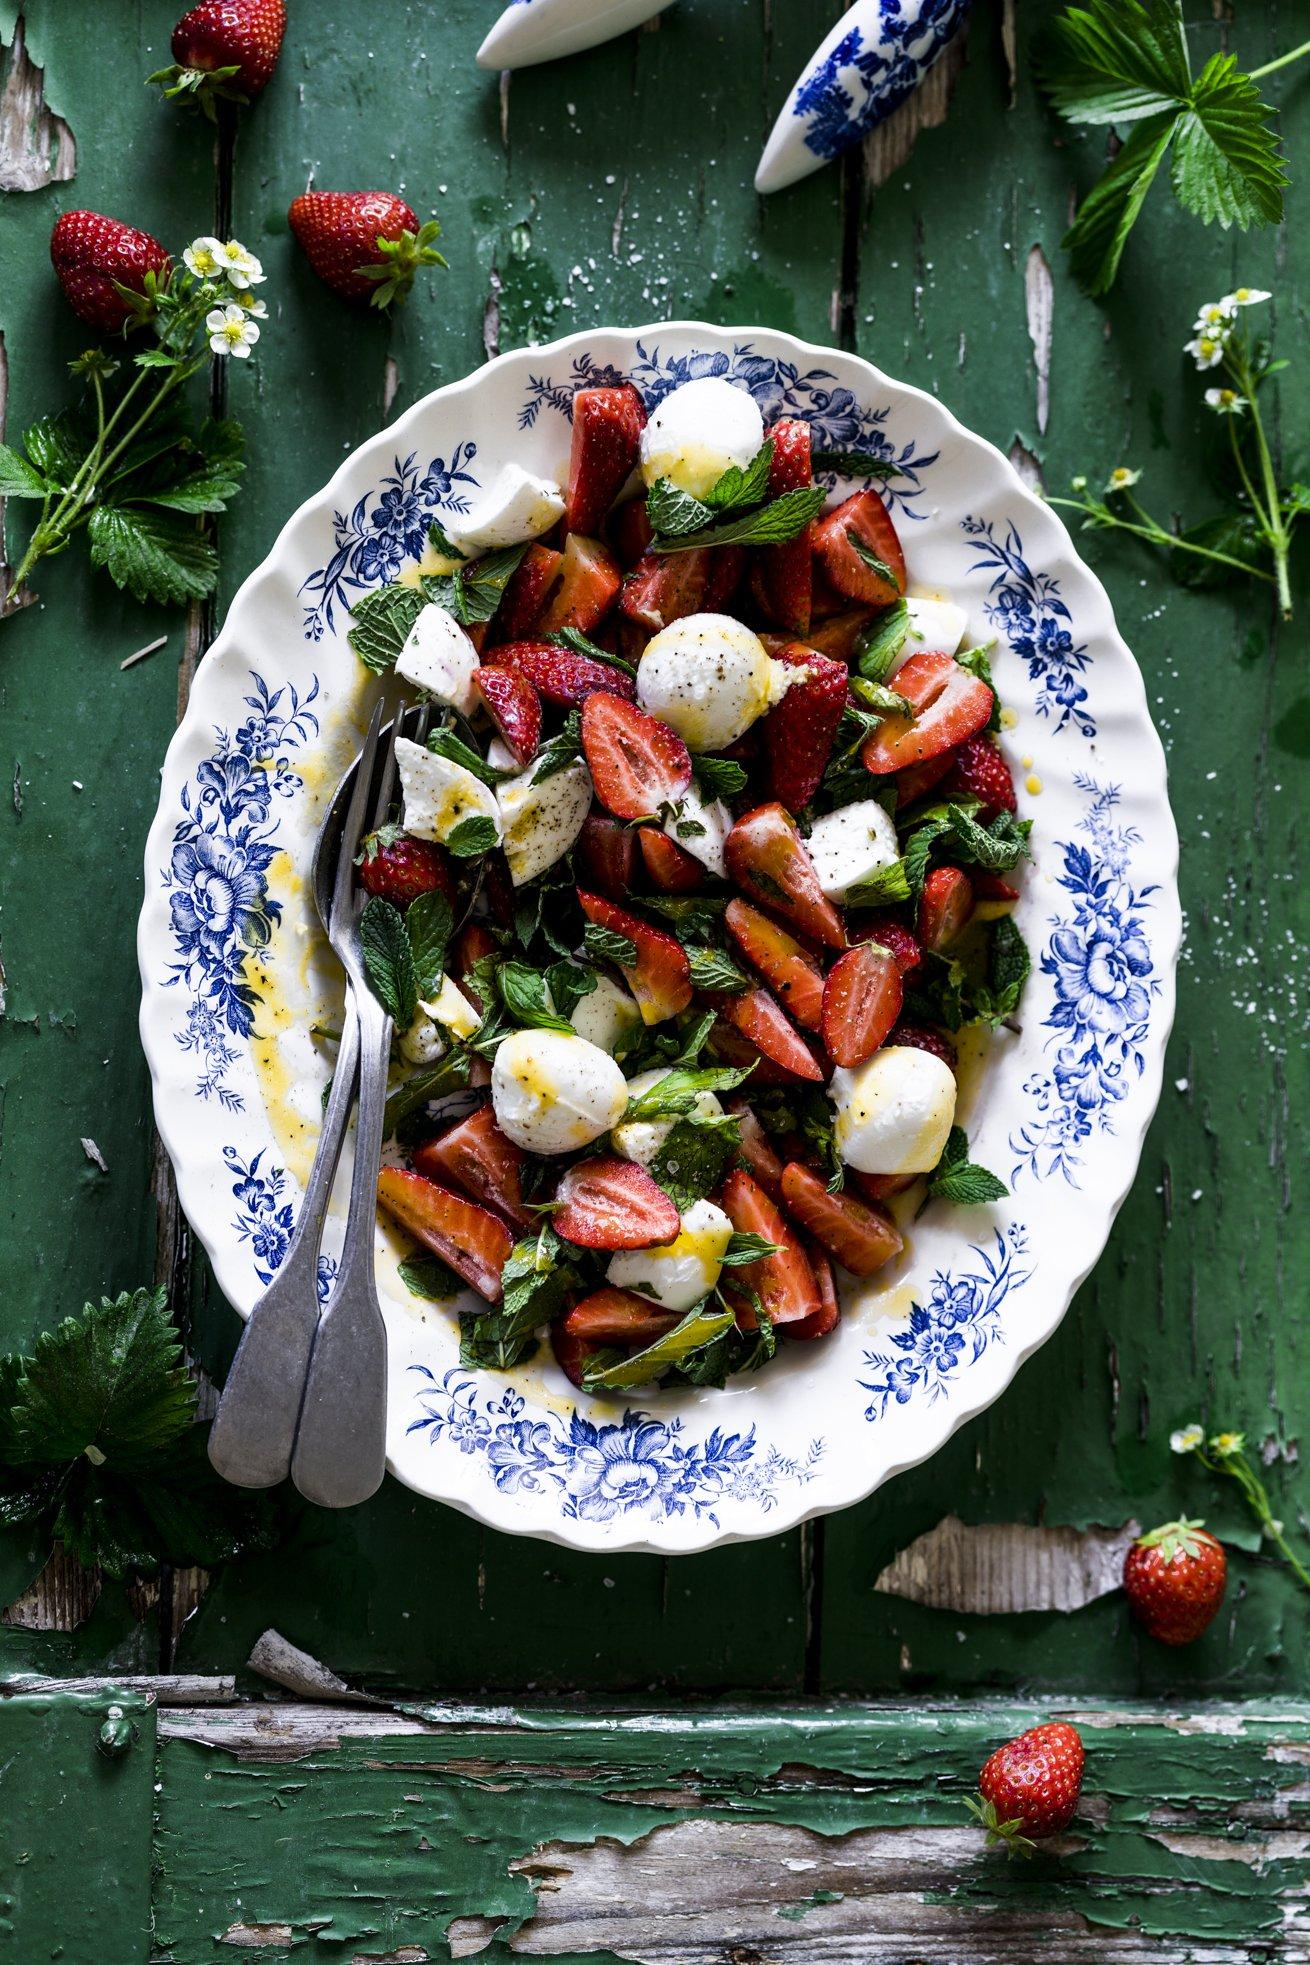 Fruchtiger Erdbeersalat als Beilage oder zum pur essen. Perfekt für laue Sommerabende. Total erfrischend